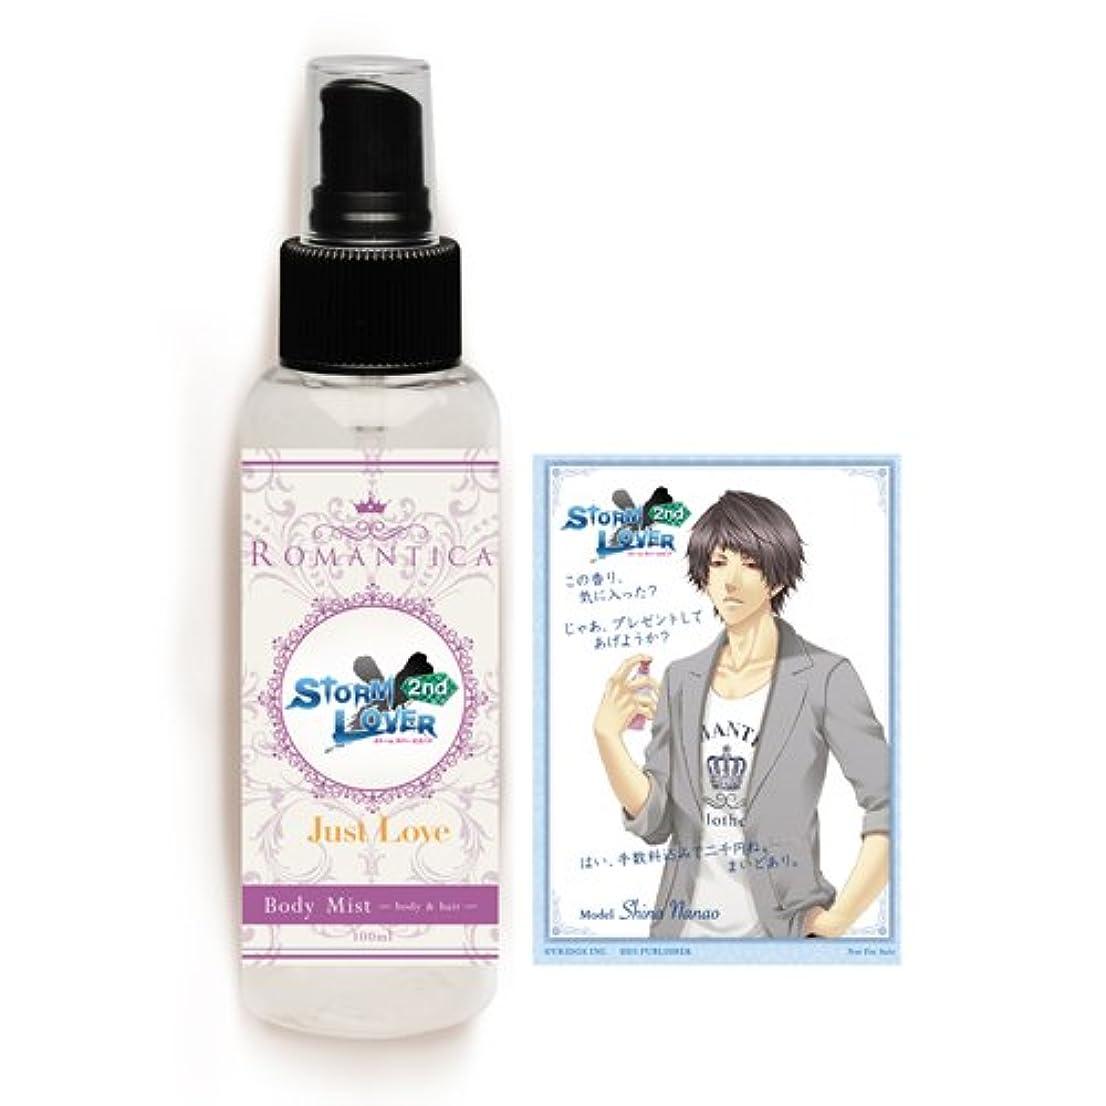 キャロライン音声ランクSTORM LOVER2nd Fragrance Body Mist 椎名描きおろしイラストカード付き